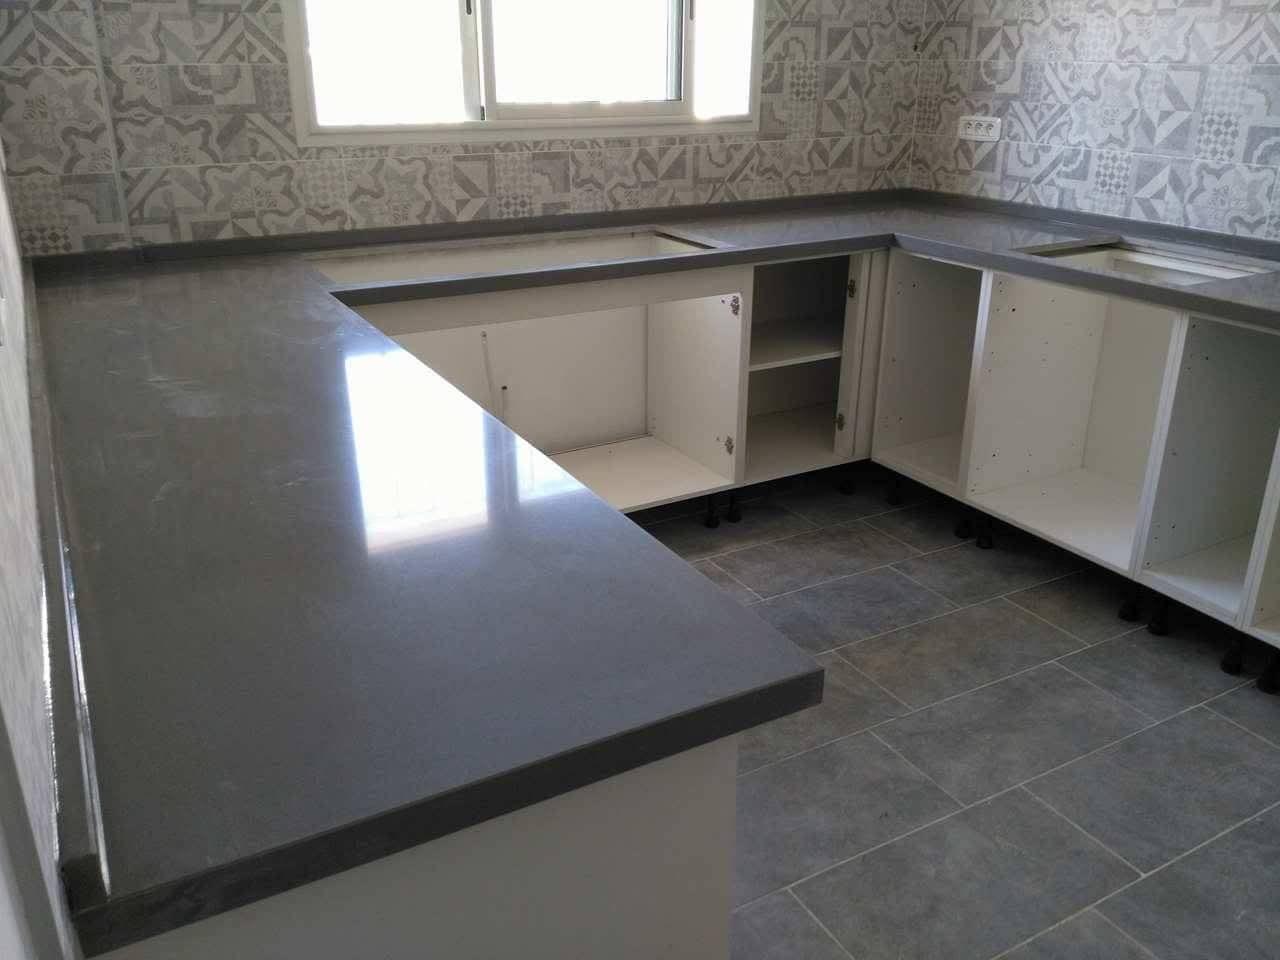 Fabrication des plans de travail cuisine et salle de bain en Granite ...